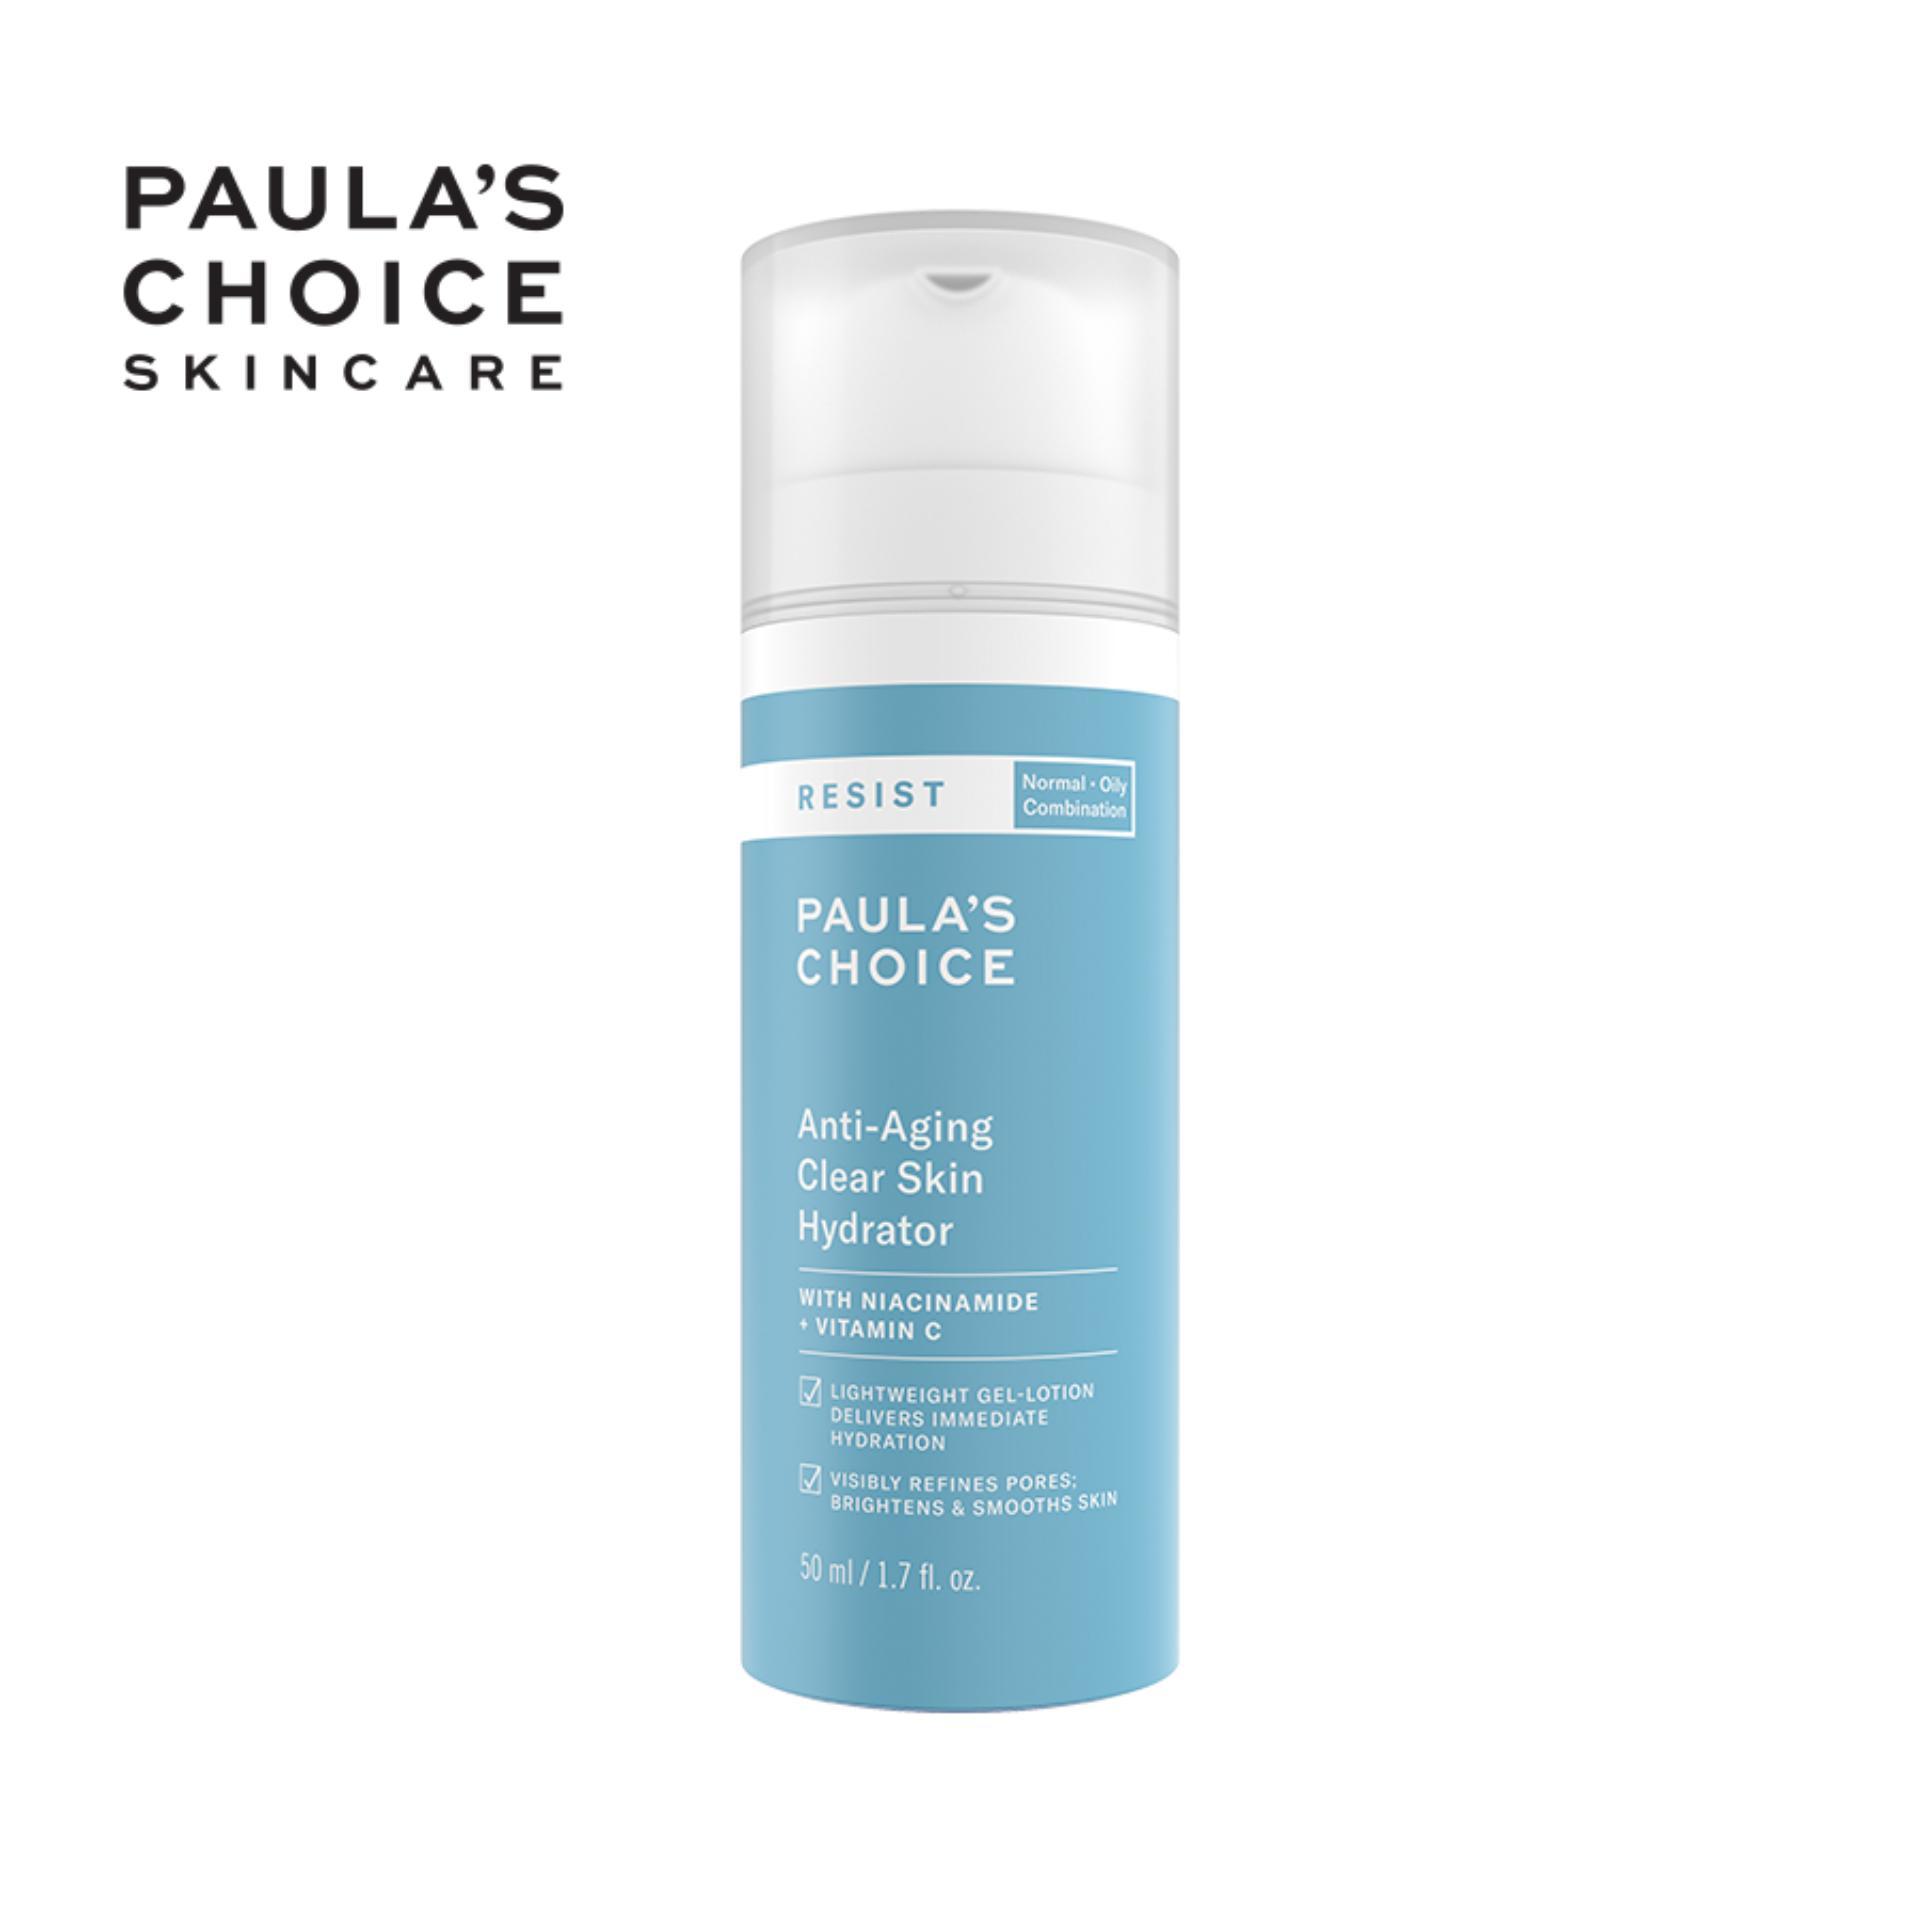 Kem dưỡng ẩm cho da nhạy cảm và lão hóa Paula's Choice Resit Anti-Aging Clear Skin Hydrator 50ml 7691